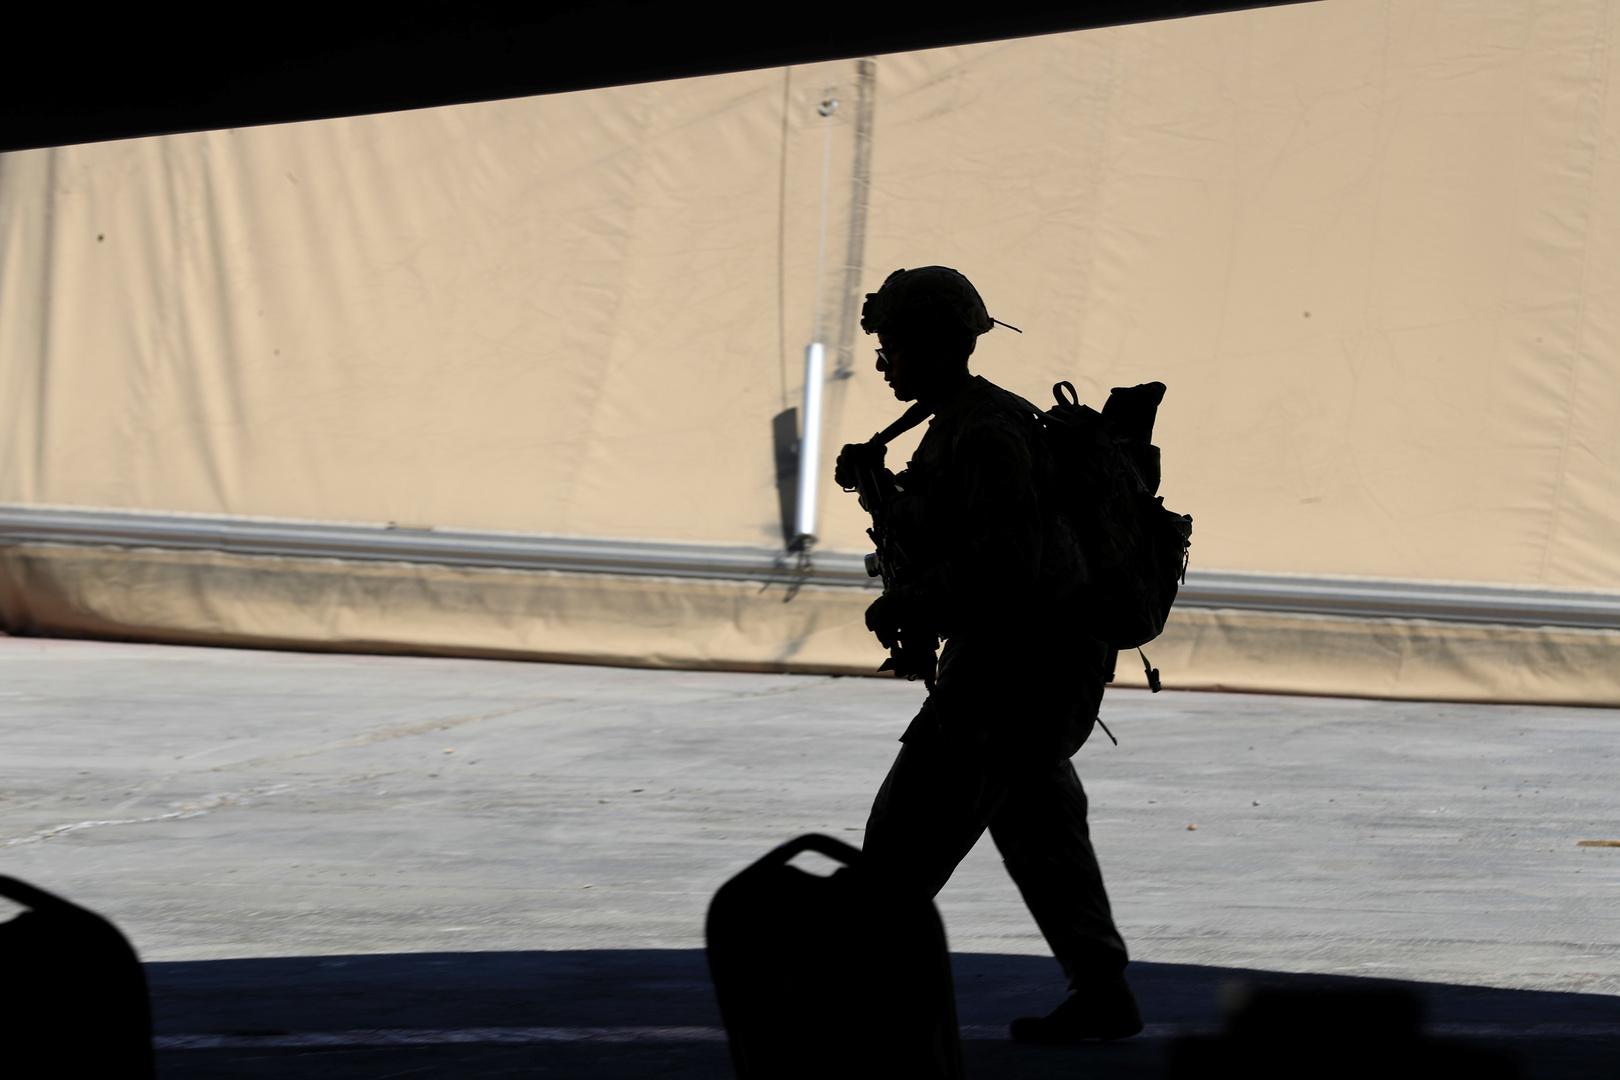 تقرير: واشنطن قلقة من تزايد الهجمات بطائرات مسيرة ضد مصالحها في العراق